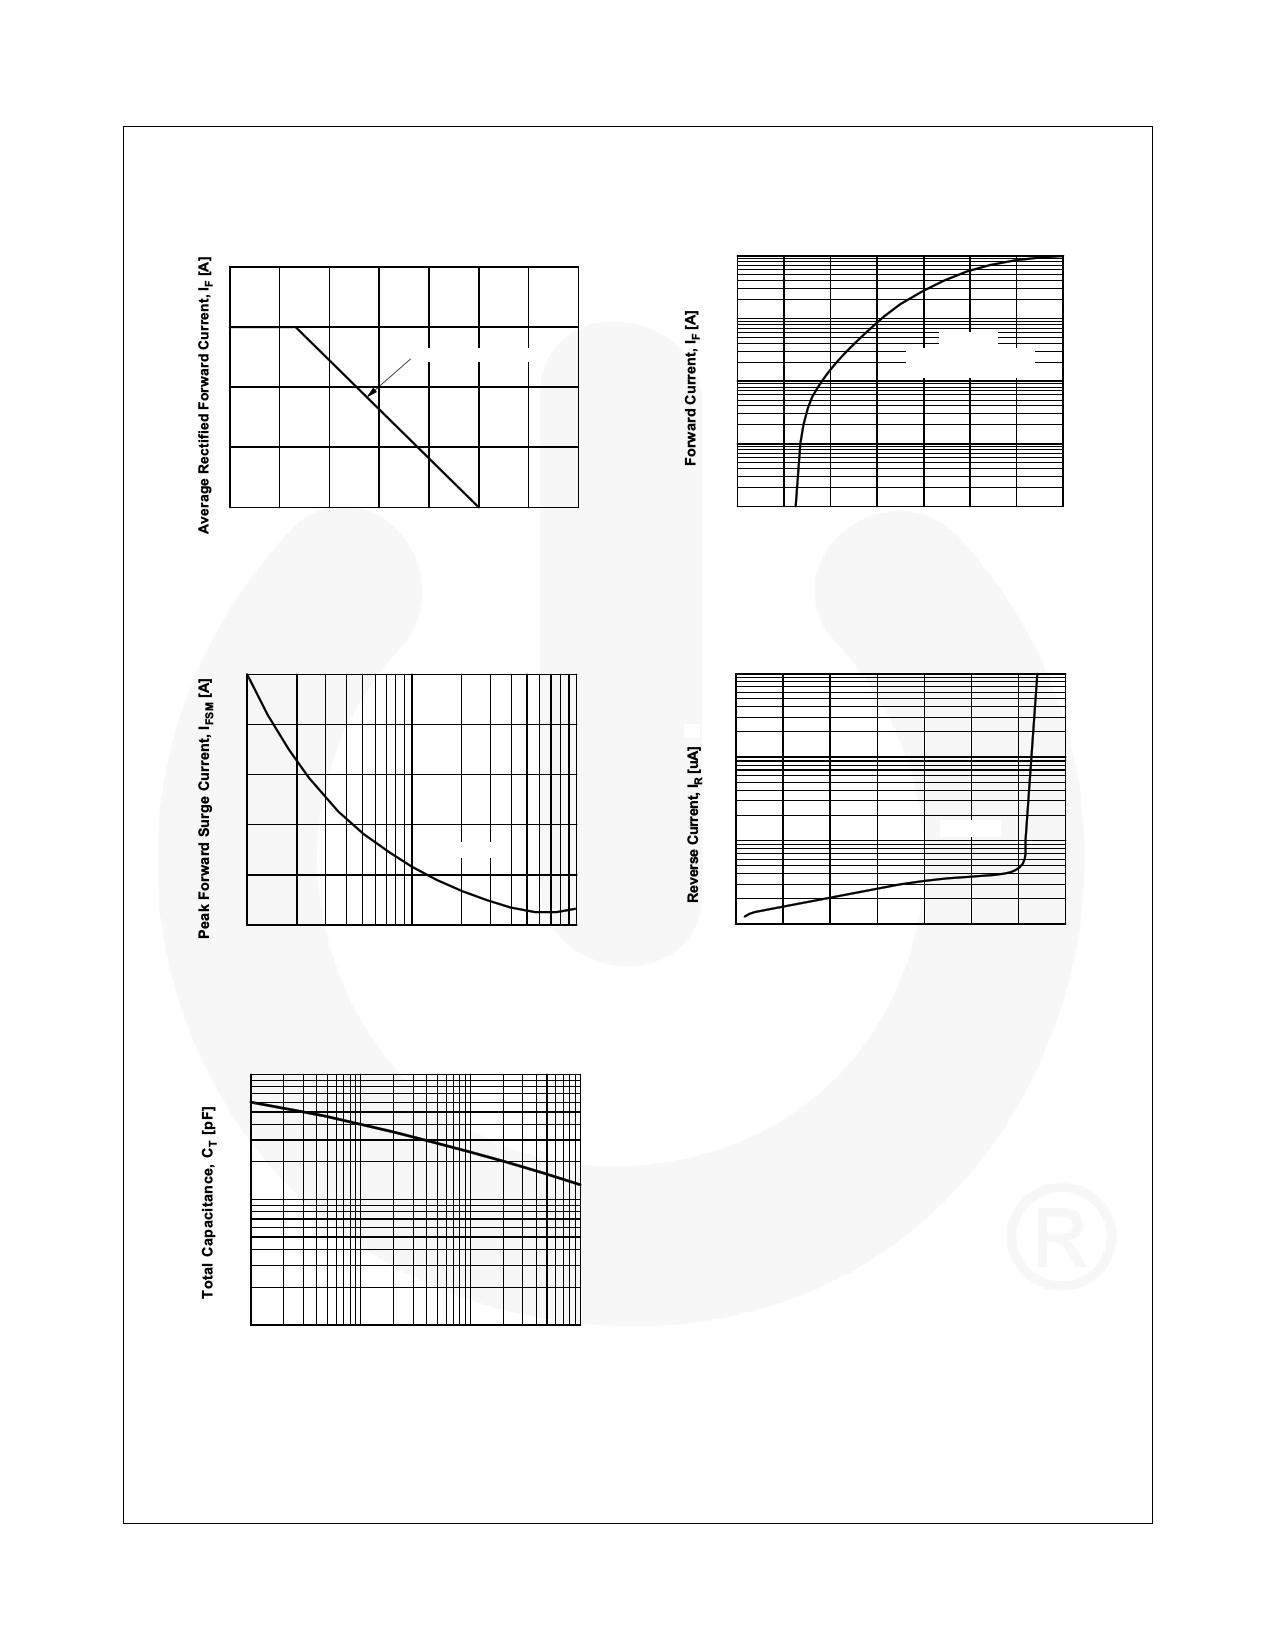 1N5408 pdf, ピン配列